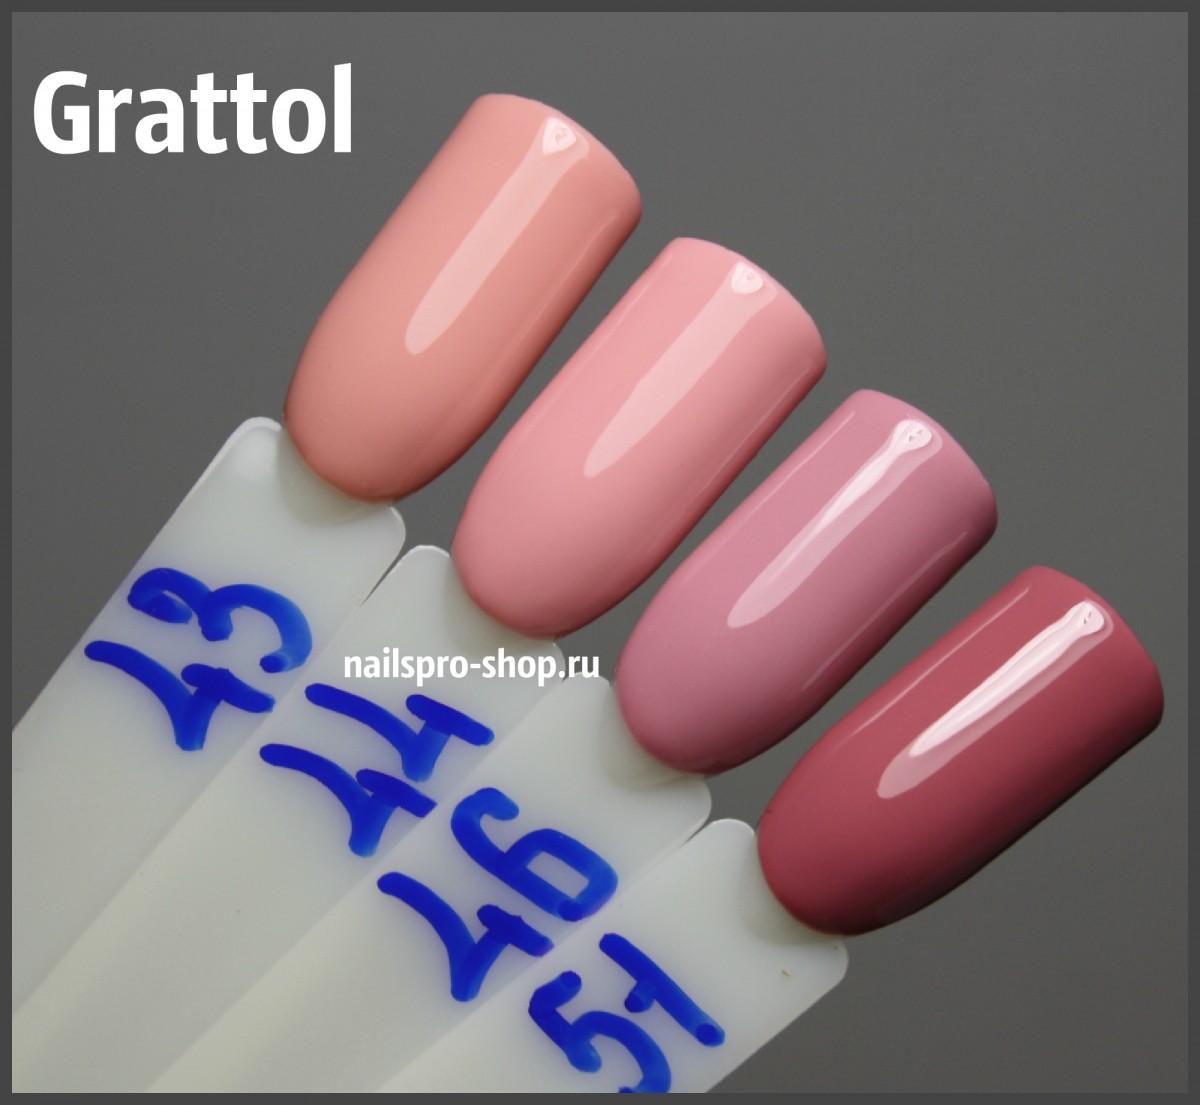 Grattol Color Gel Polish 043 Pink Coral